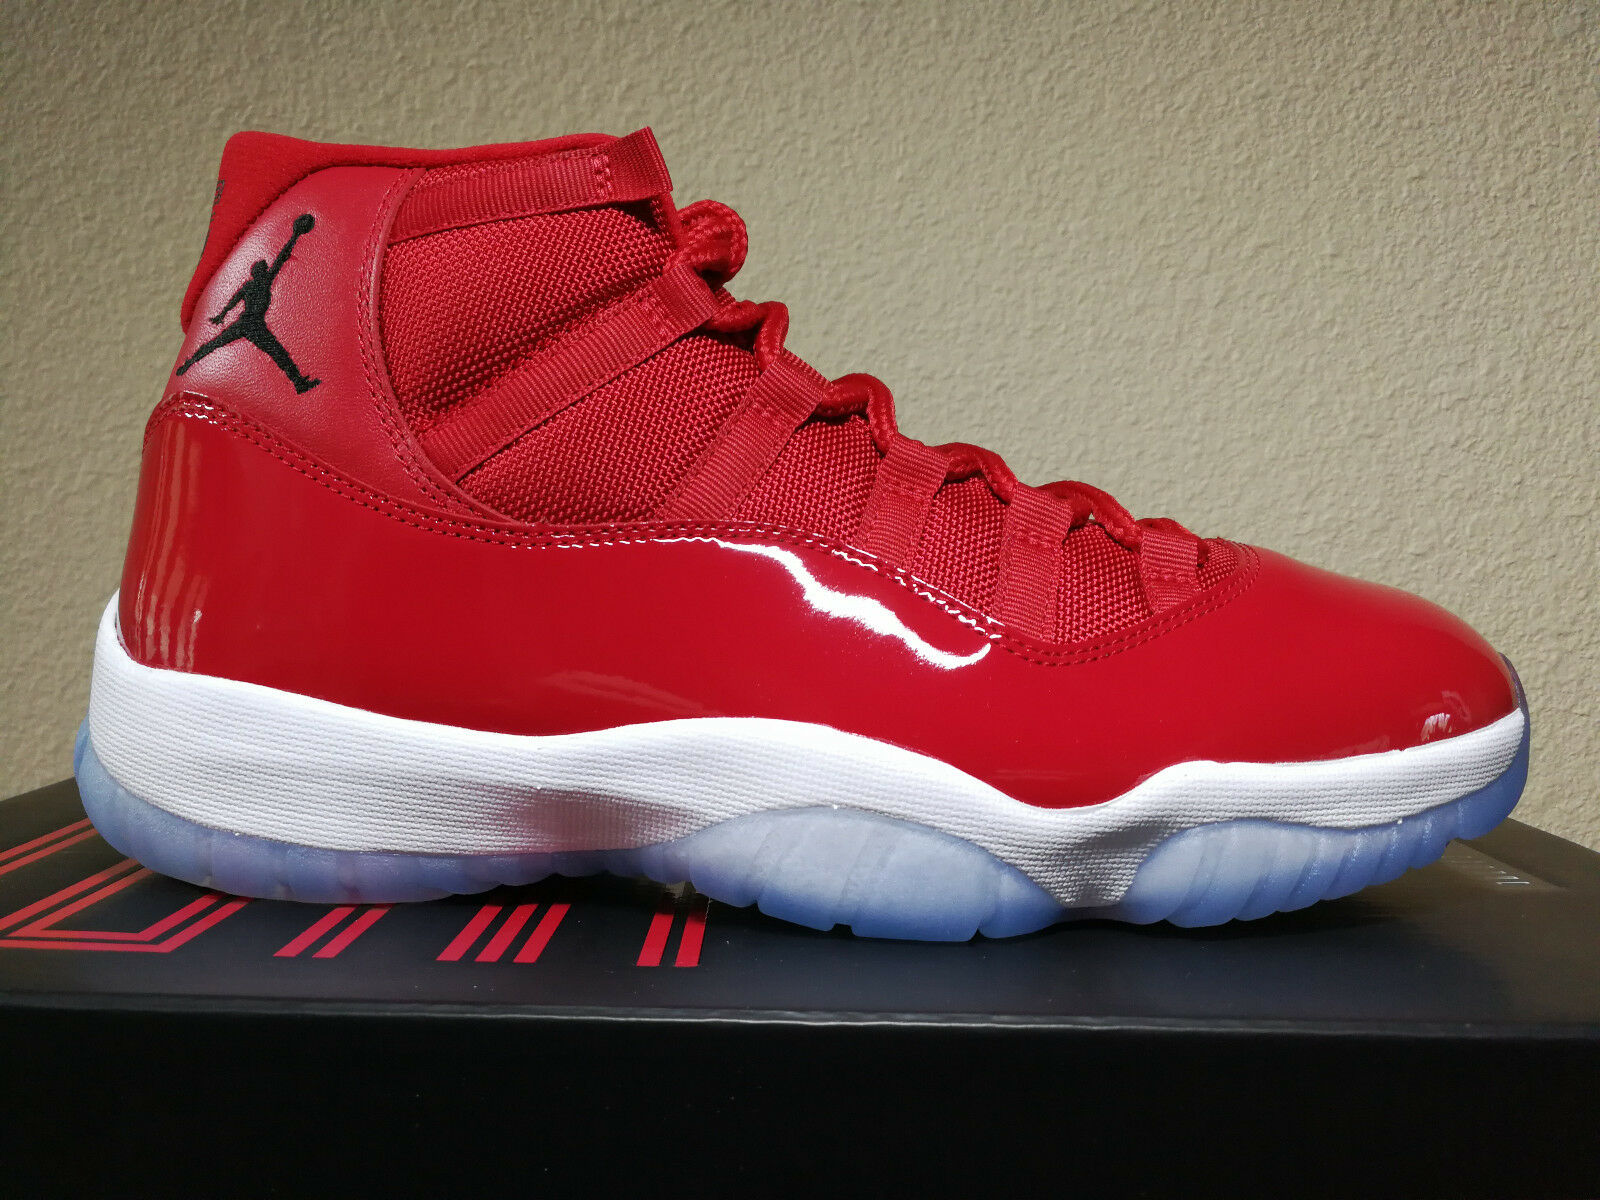 the best attitude 56e06 71cd6 Nike Air Jordan Jordan Jordan 11 Win Like 96 XI Retro Gym Red 378037-623